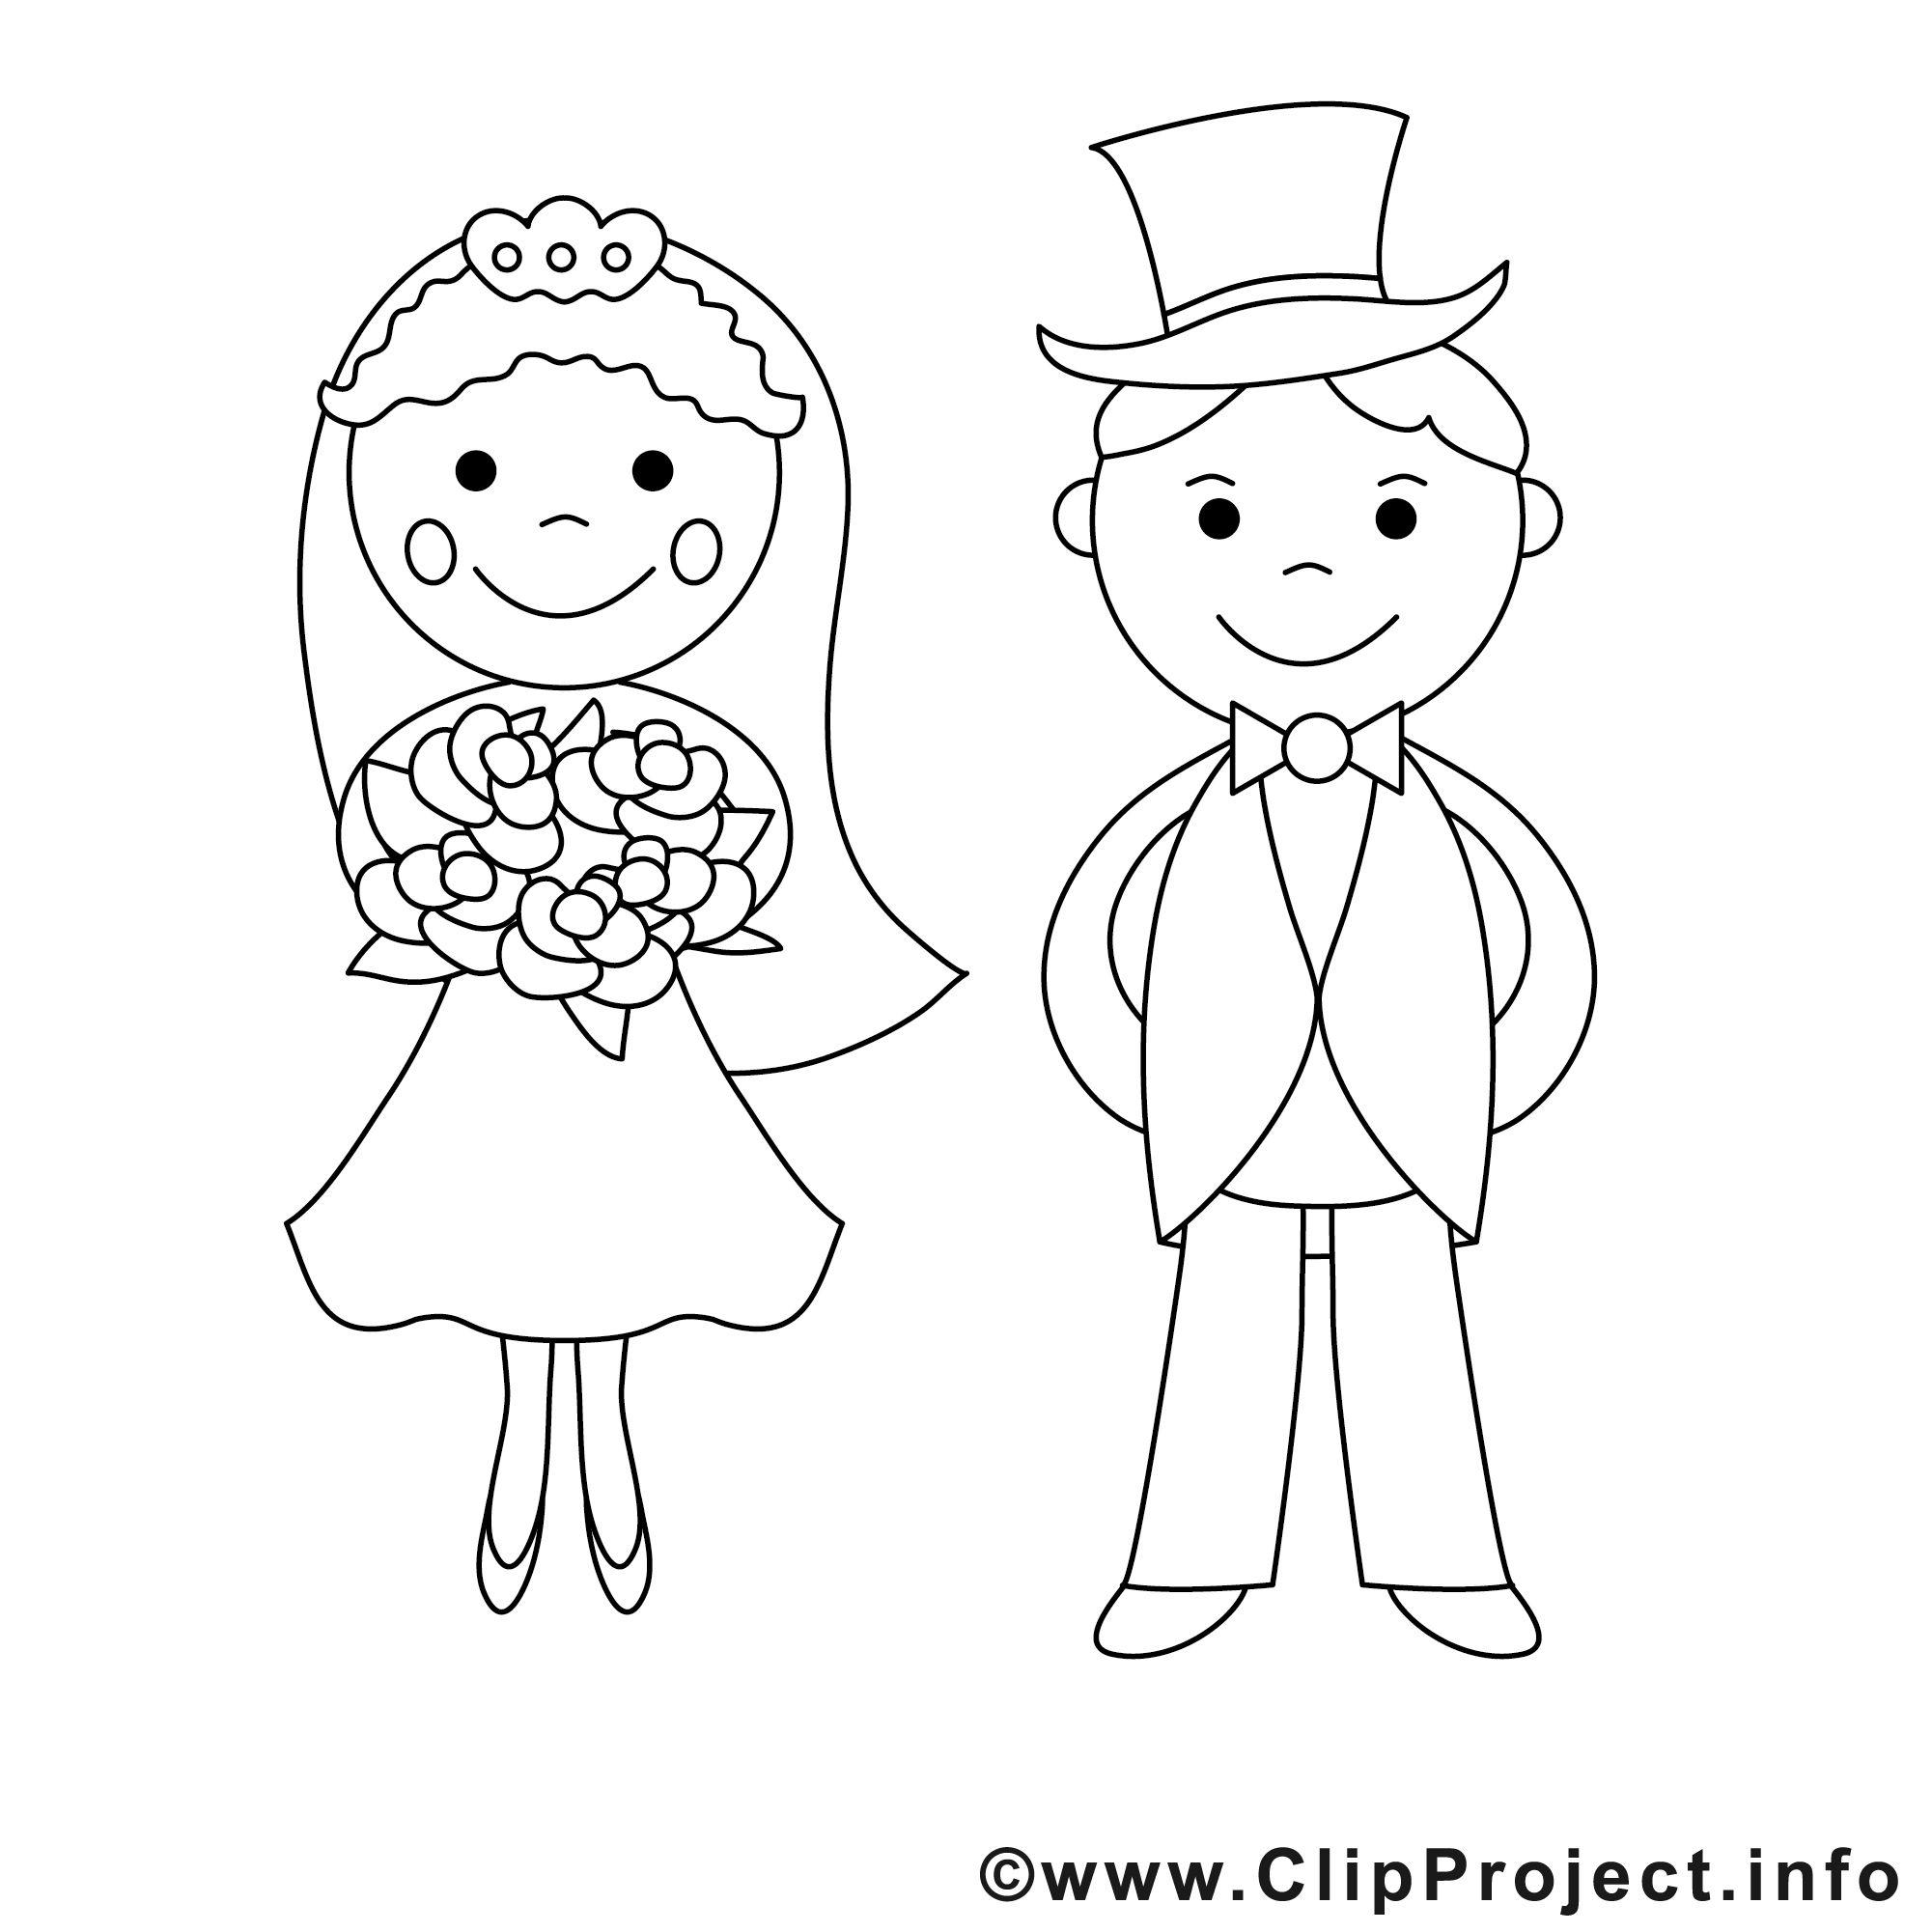 Hochzeit_Ausmalbild_20140216_1340968559 (2001×2001 ganzes Hochzeitsbilder Zum Ausmalen